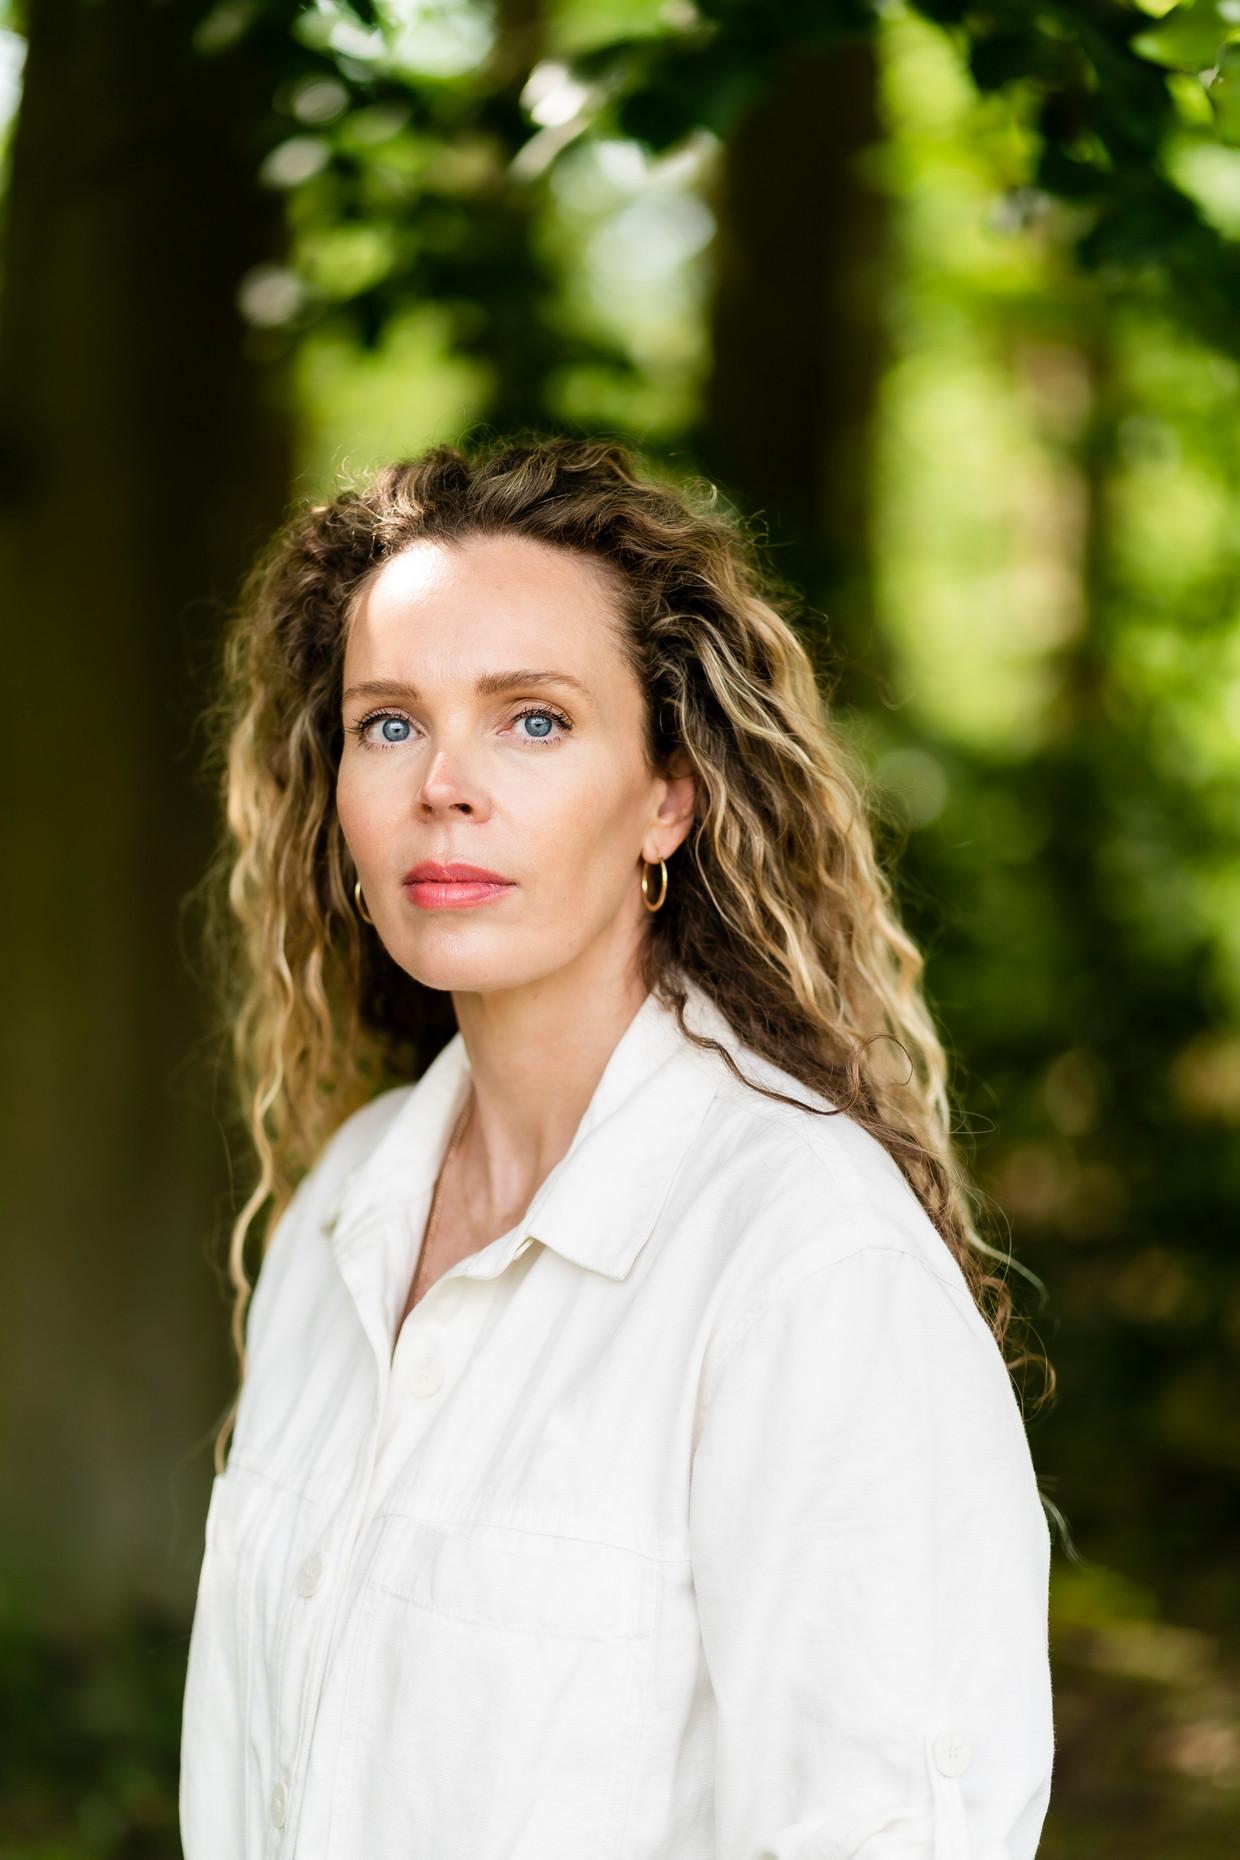 Roxane van Iperen verzorgt de 4-meilezing nadat Abelkader Benali zich daarvoor had teruggetrokken. Beeld Paul Tolenaar / Lumen